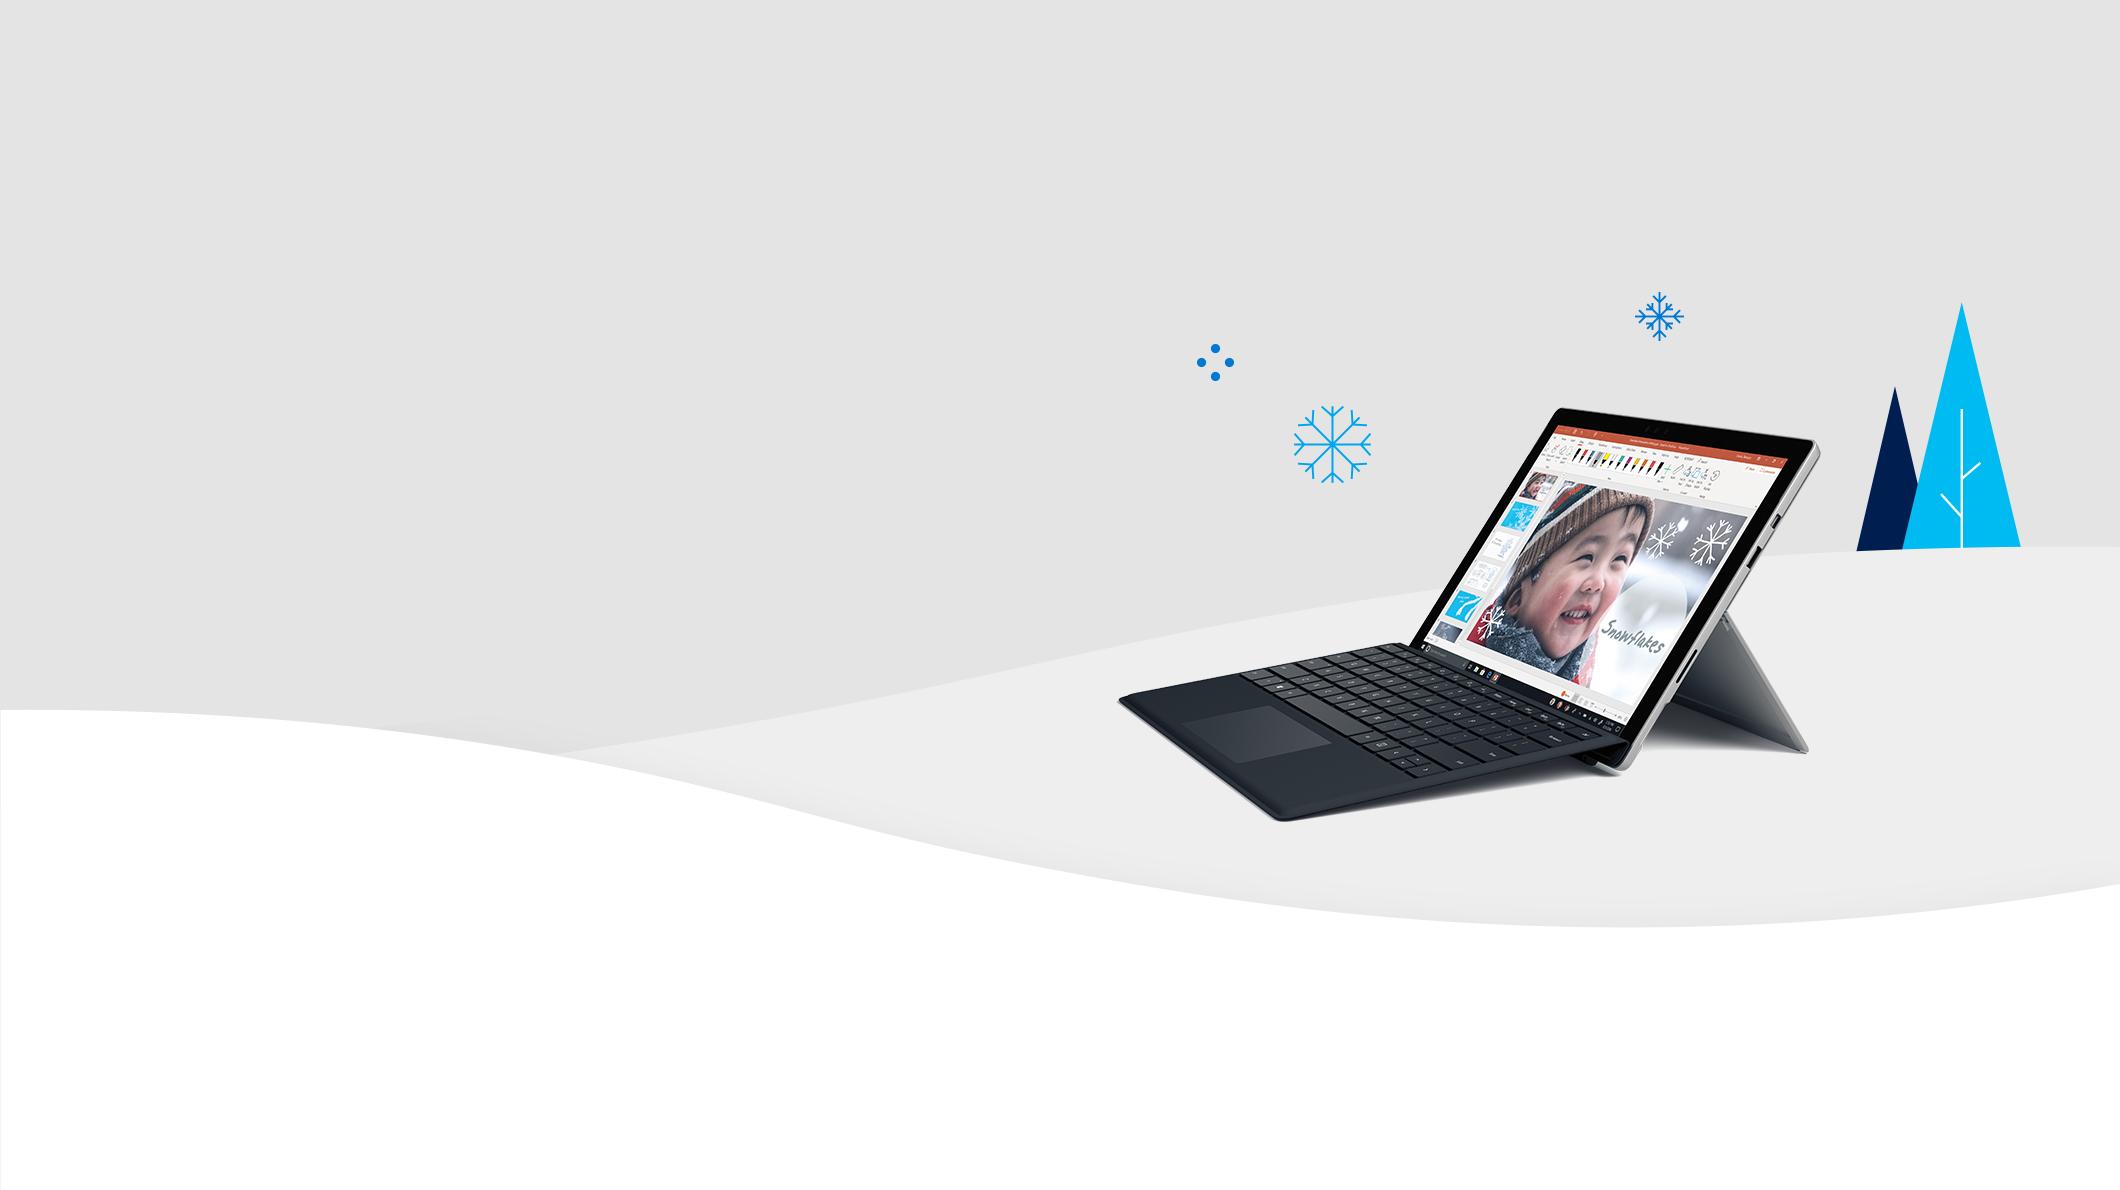 Surface Pro con neve e alberi di Natale